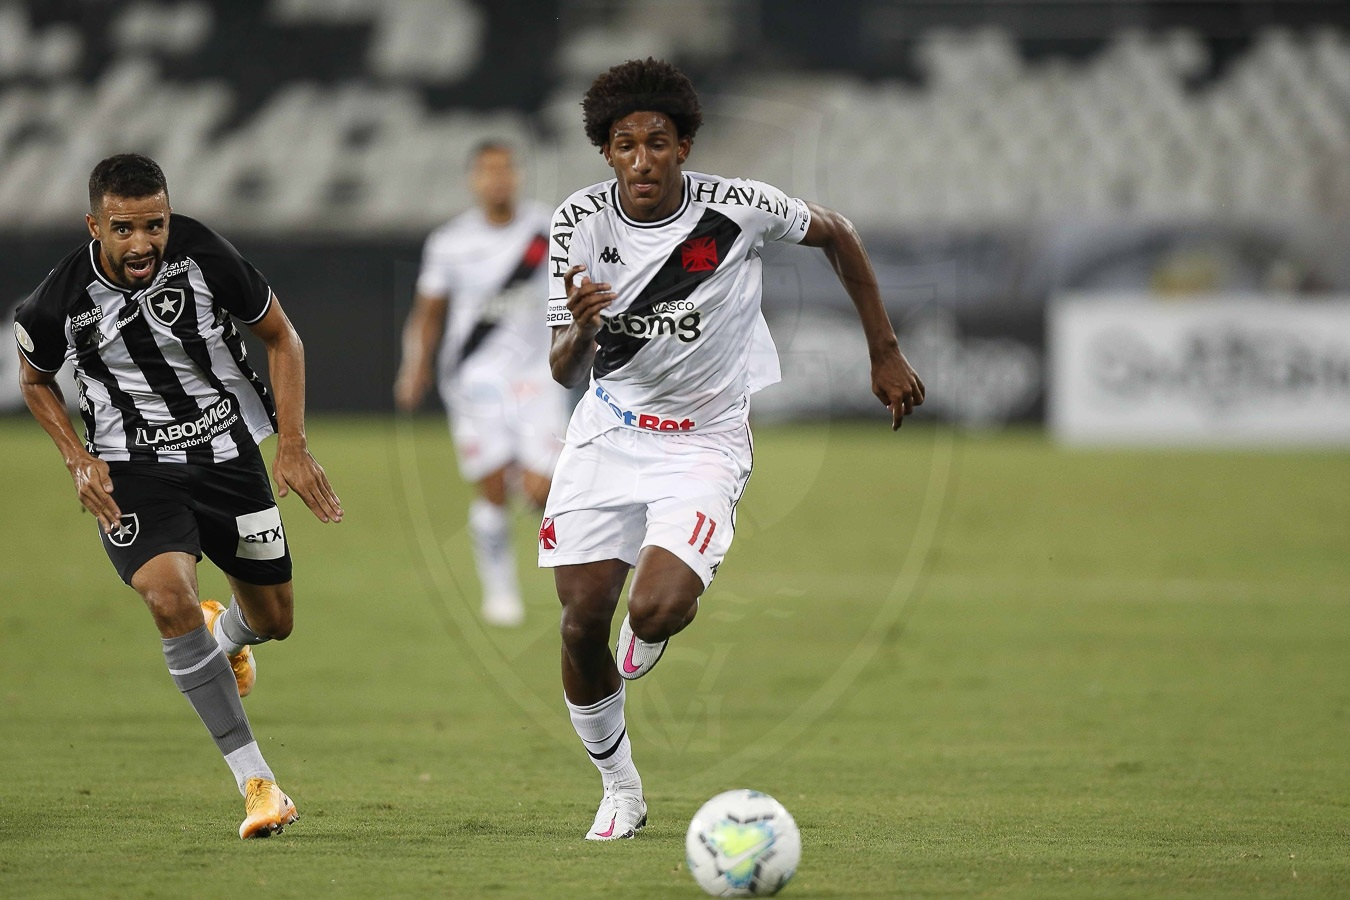 vasco-jogador-1 Vasco é superado pelo Botafogo no jogo de ida da quarta fase pela Copa do Brasil